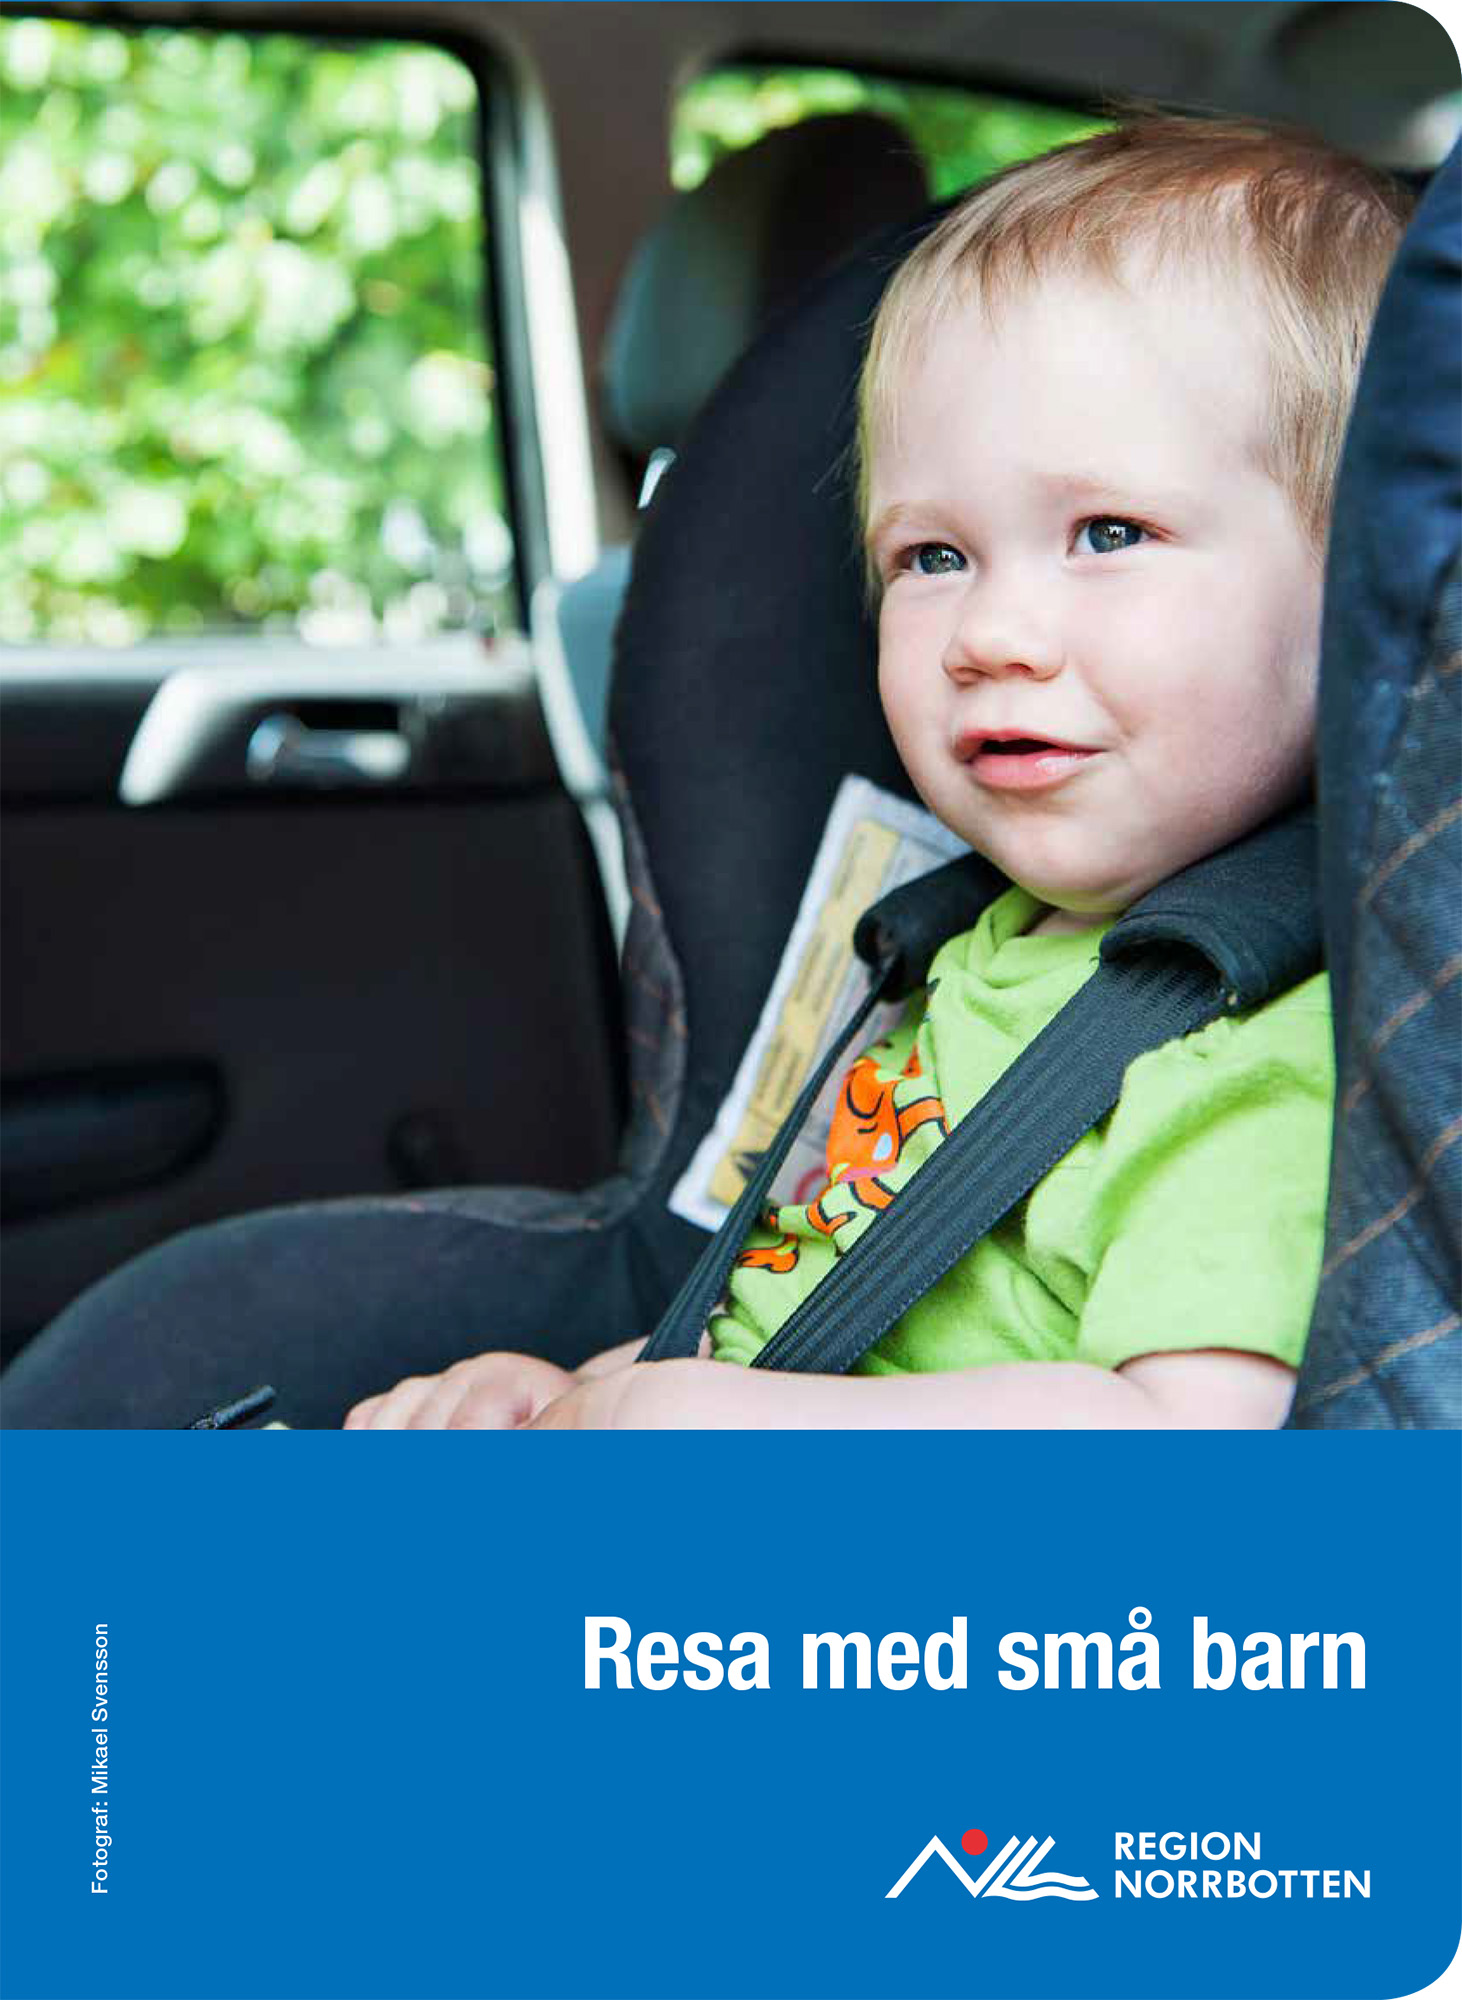 Resa med små barn, Region Norrbotten. Foto: Mikael Svensson, www.mikaelsvensson.com